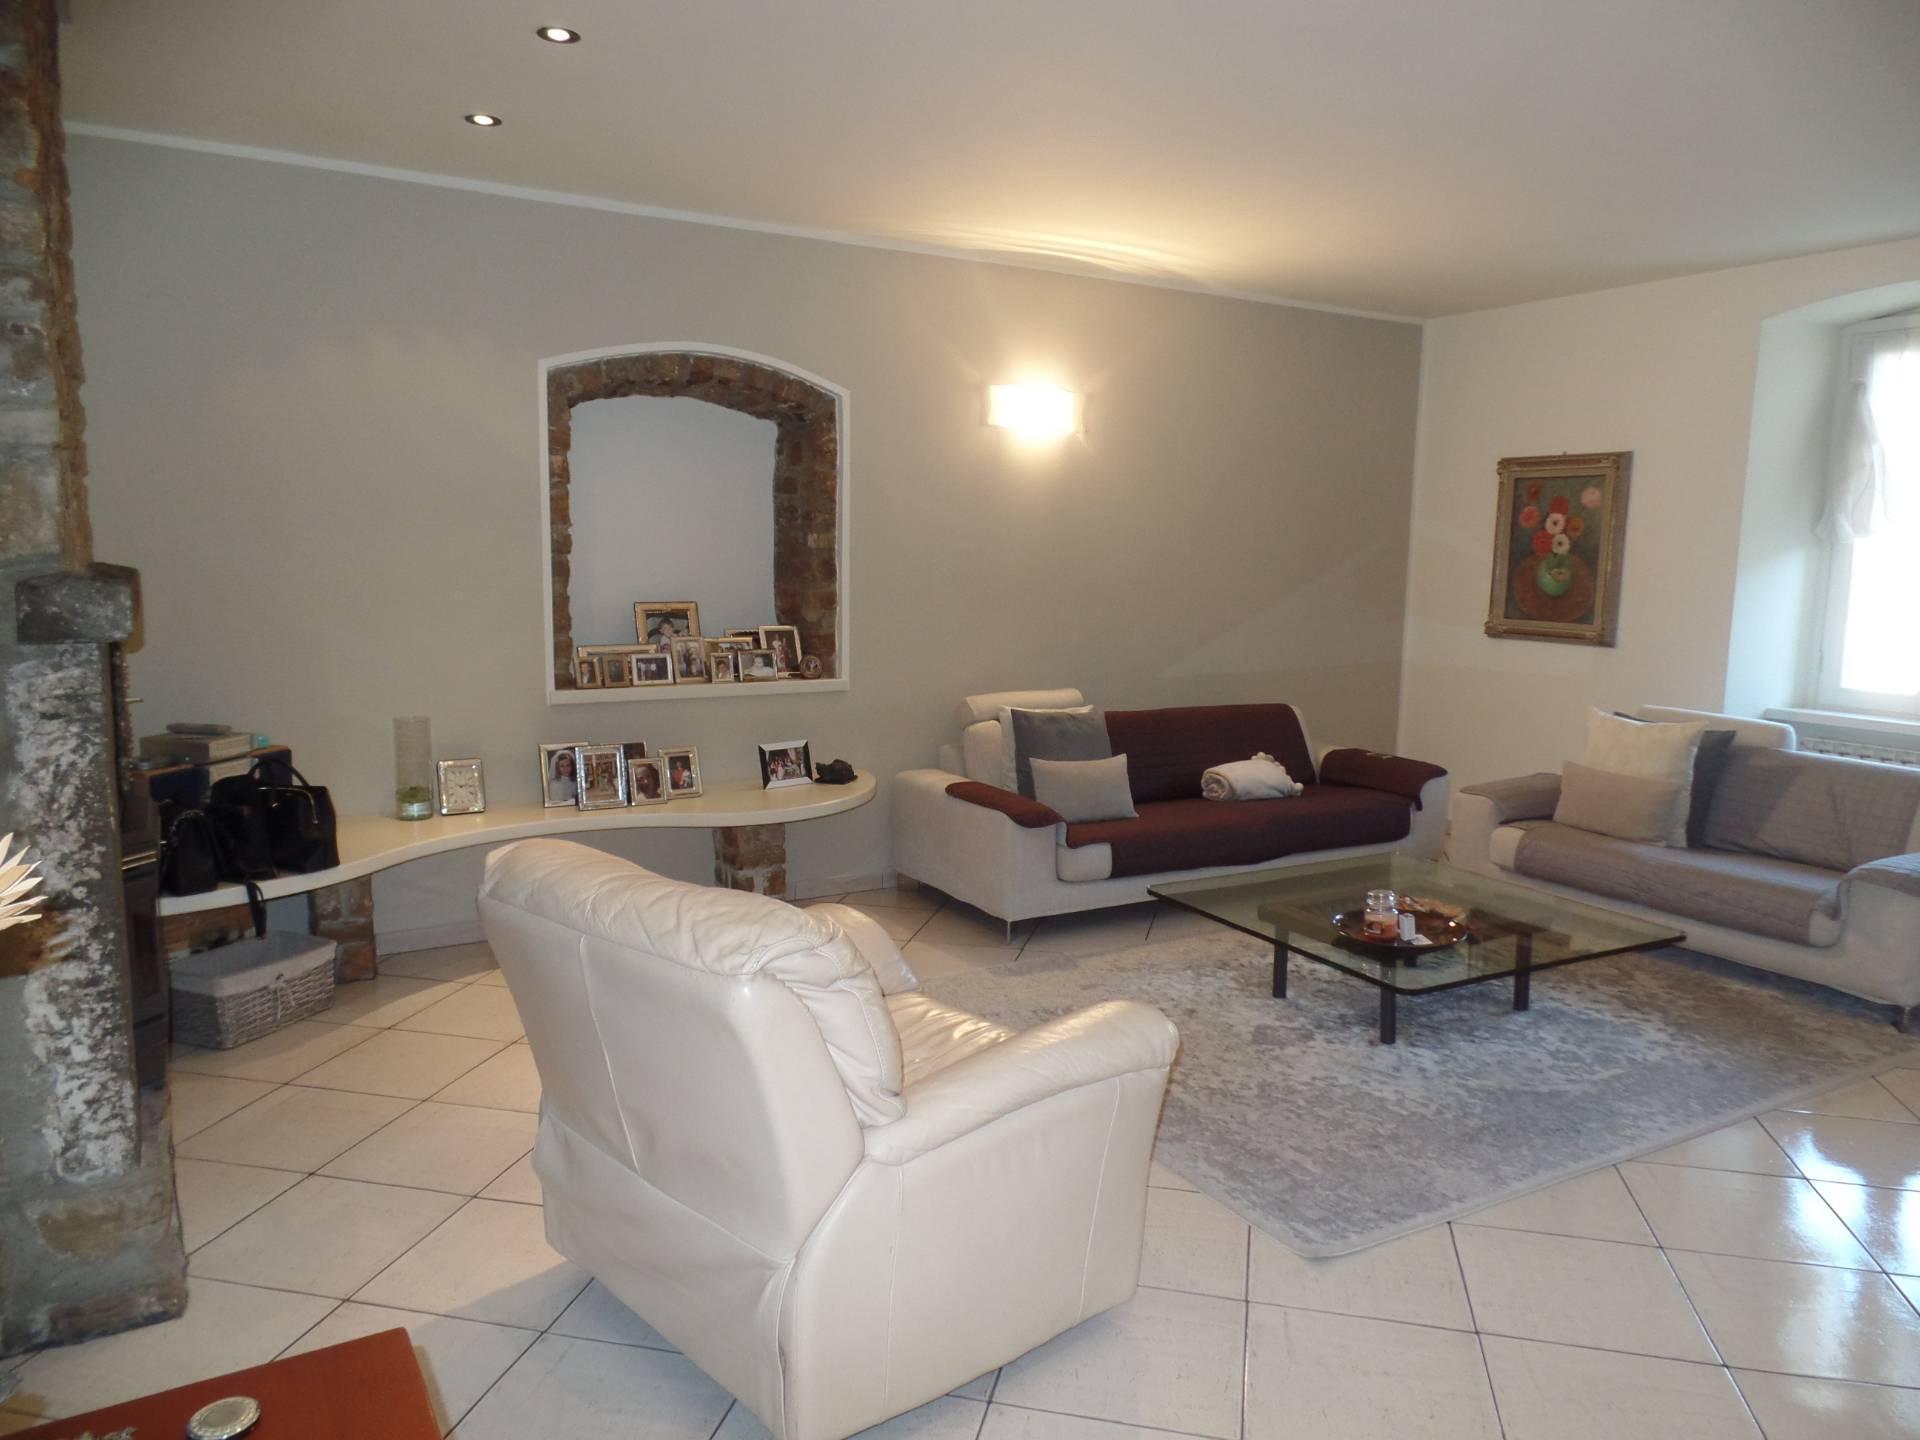 Soluzione Indipendente in vendita a Costa di Mezzate, 5 locali, prezzo € 260.000 | CambioCasa.it